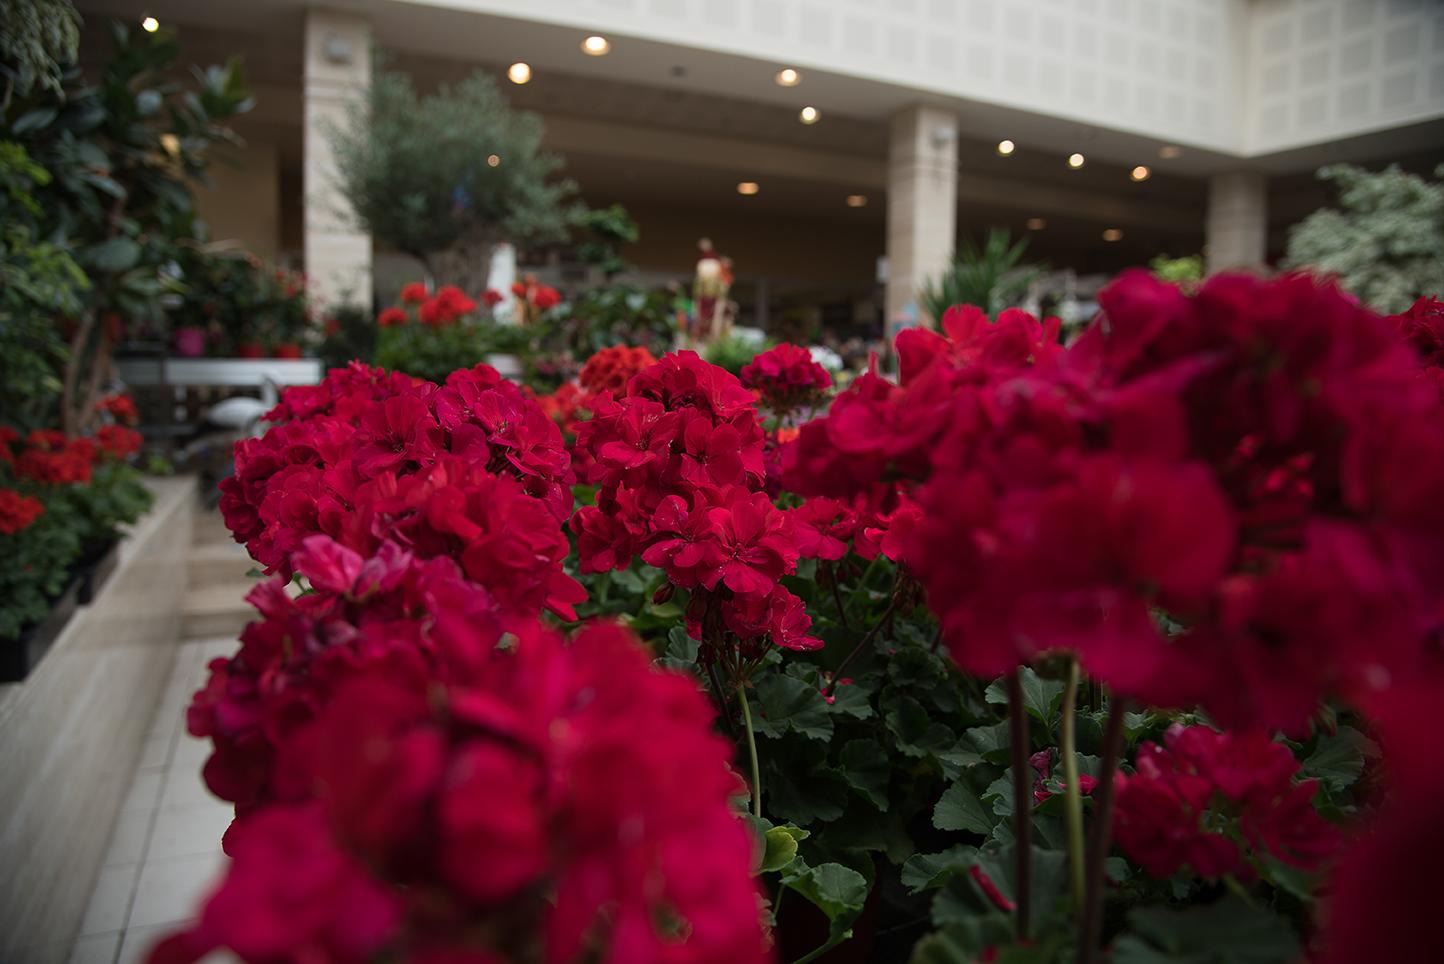 023 centro de jardiner a gorbeia for Centro de jardineria